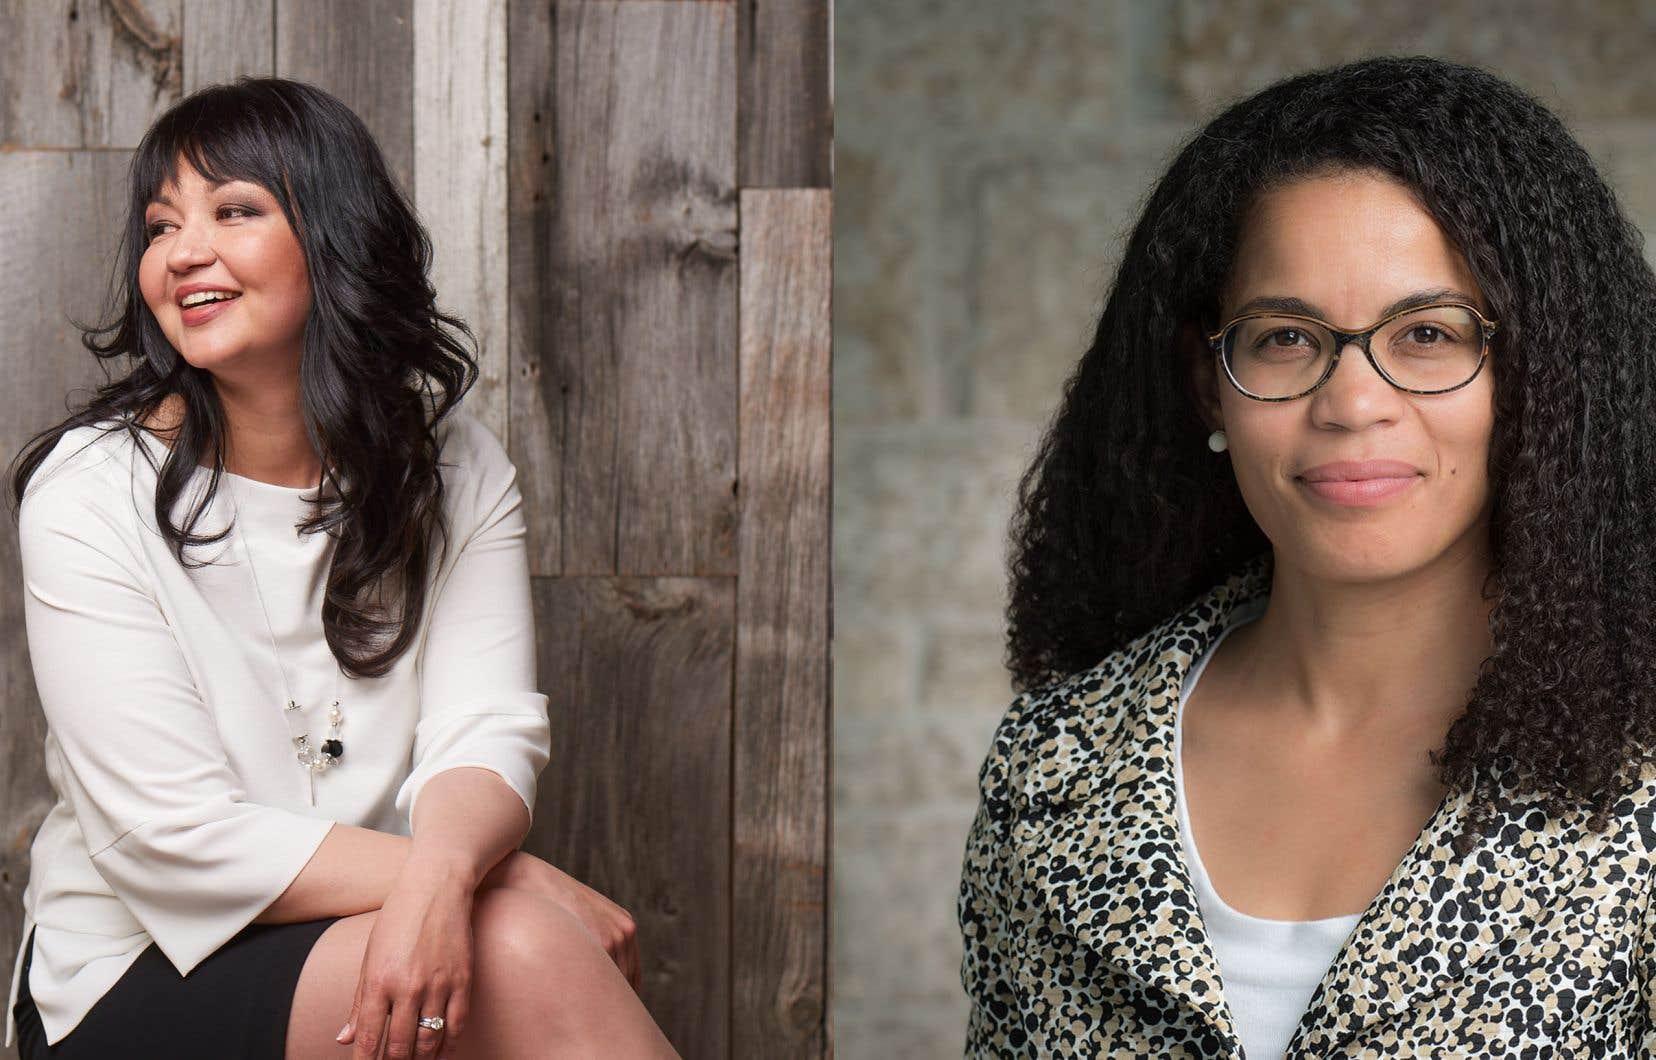 Angela Cassie (à droite) sera vice-présidente à la transformation stratégique et à l'inclusion, tandis que Tania Lafrenière sera vice-présidente principale aux personnes, à la culture et à l'appartenance.